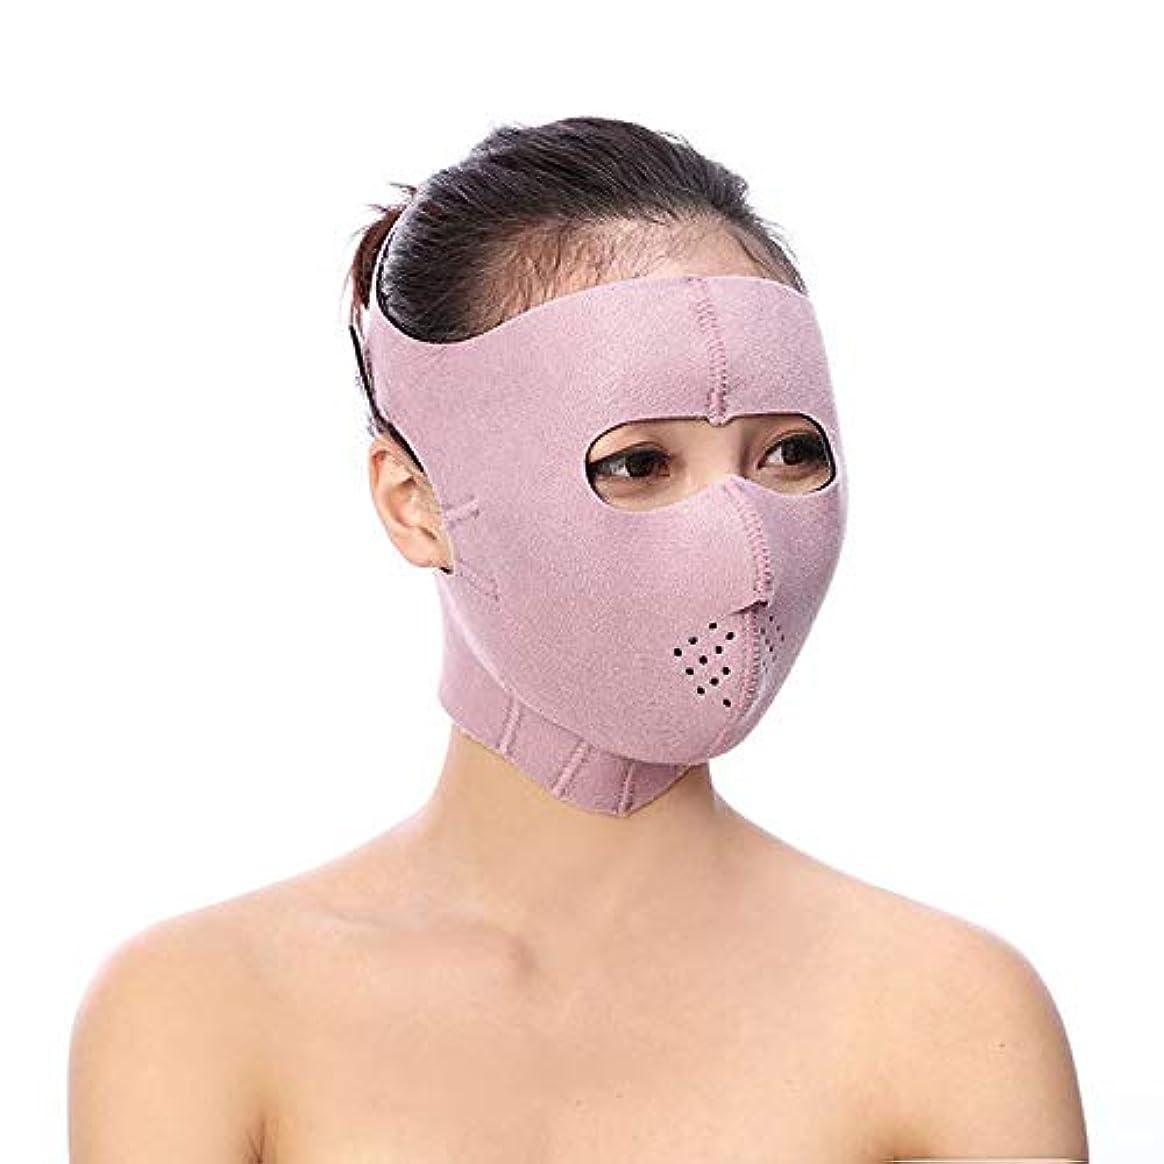 摘む第四アンカーMinmin フェイシャルリフティング痩身ベルト - Vフェイス包帯マスクフェイシャルマッサージャー無料の薄いフェイス包帯整形マスクを引き締める顔と首の顔スリム みんみんVラインフェイスマスク